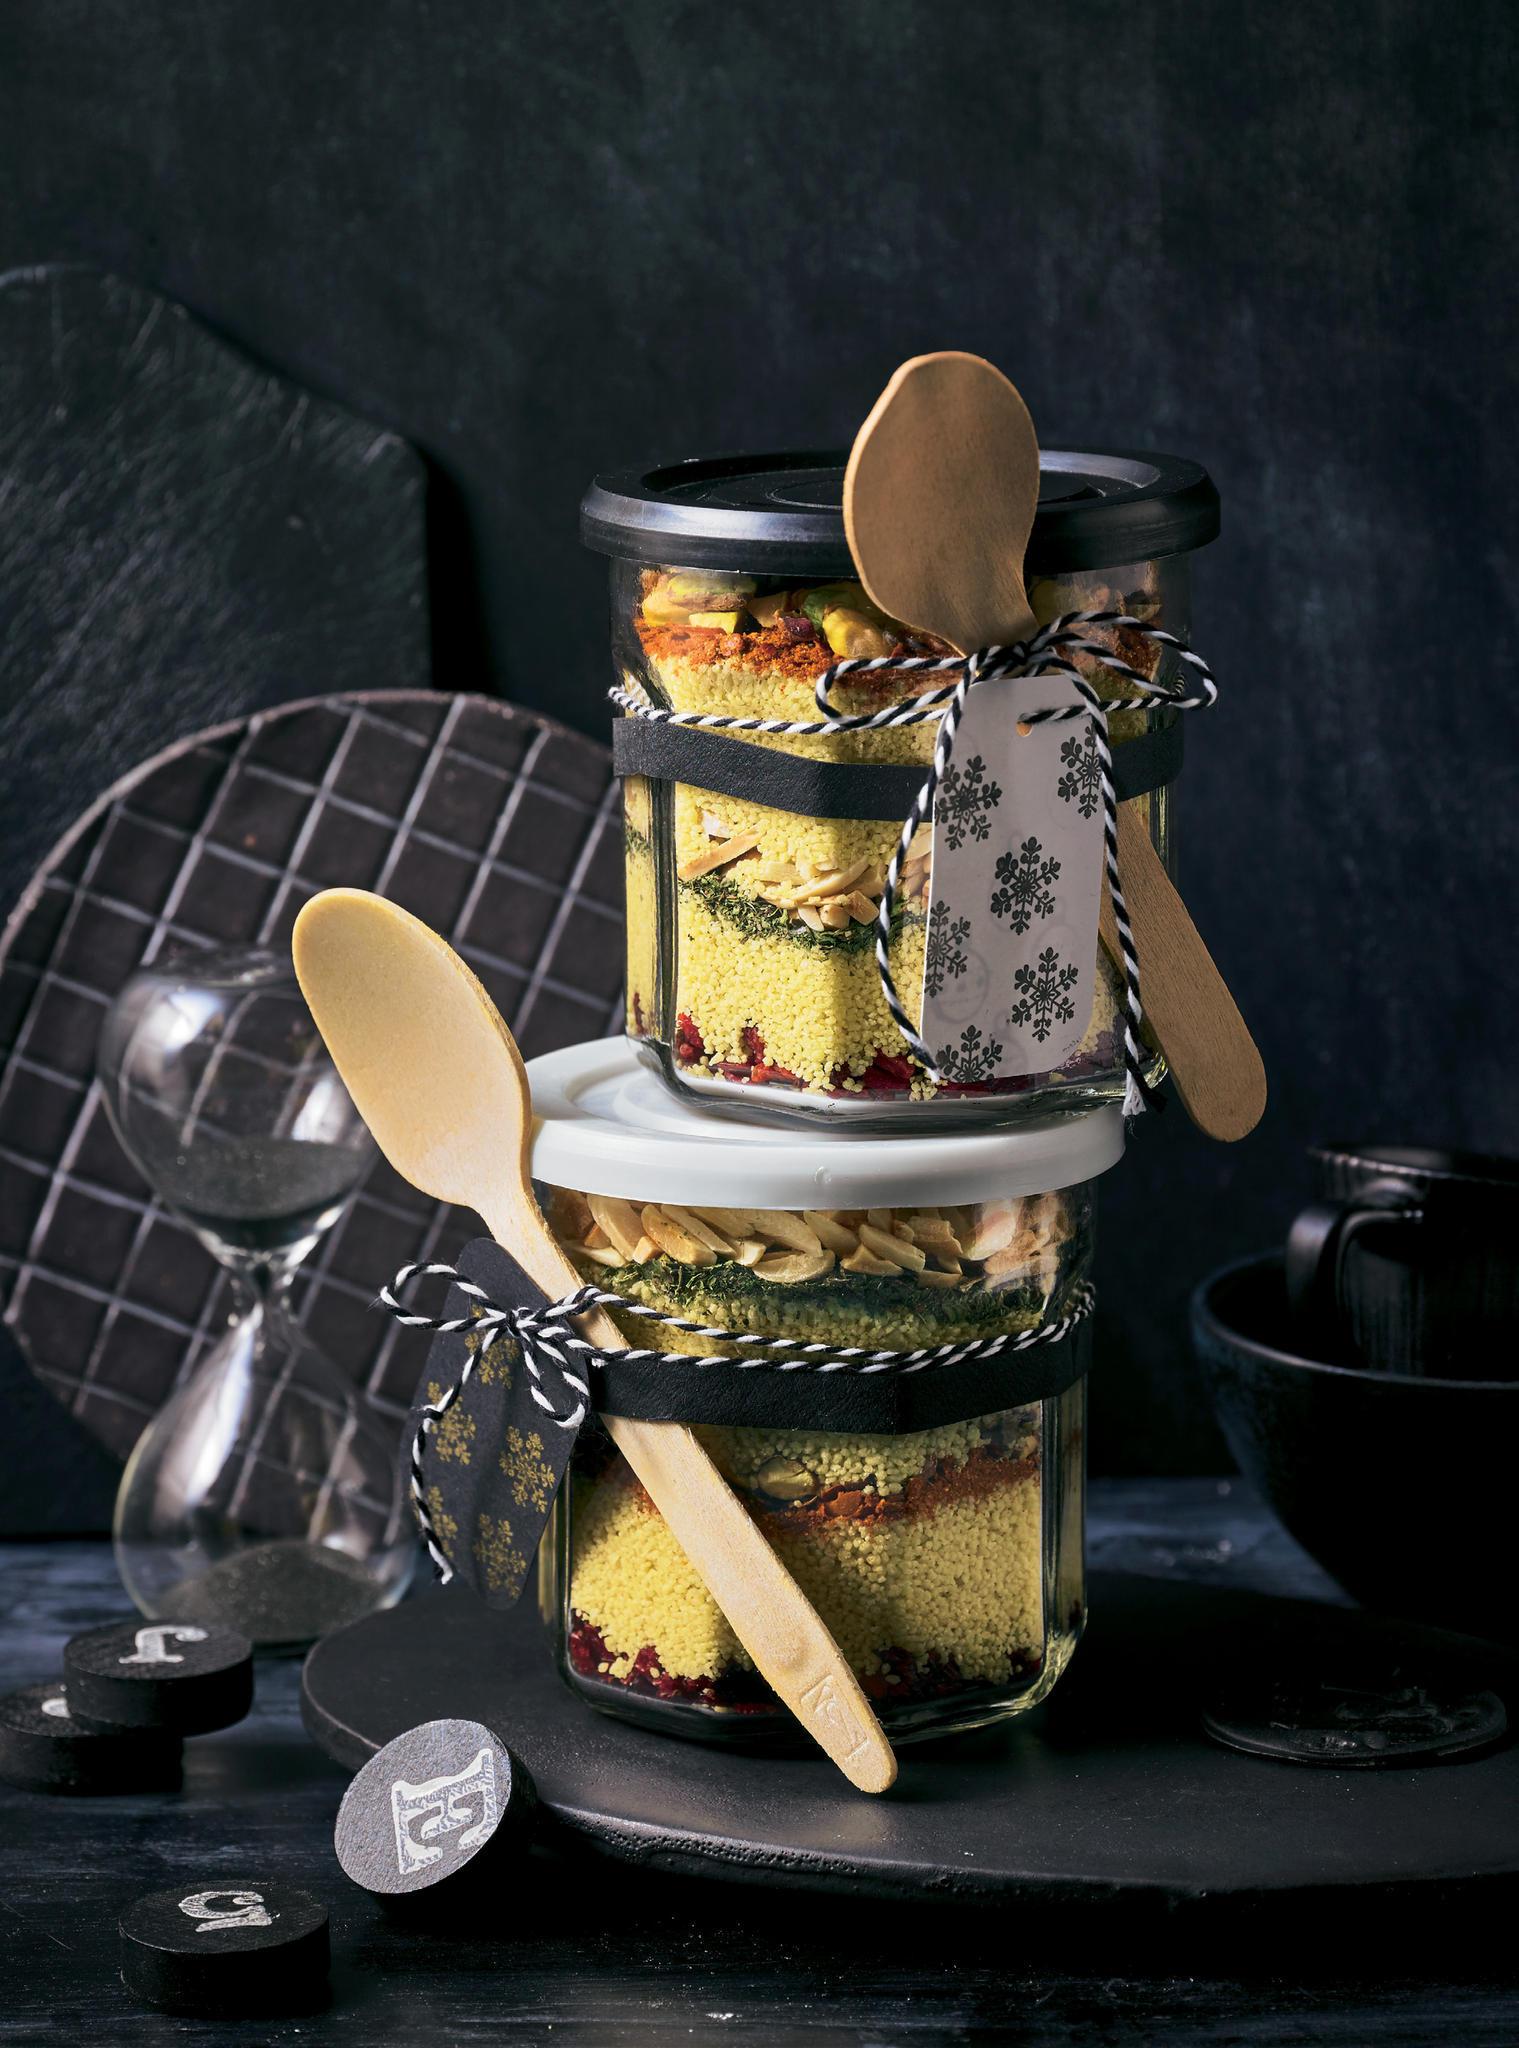 Geschenke aus der Küche - selbstgemacht und lecker | BRIGITTE.de